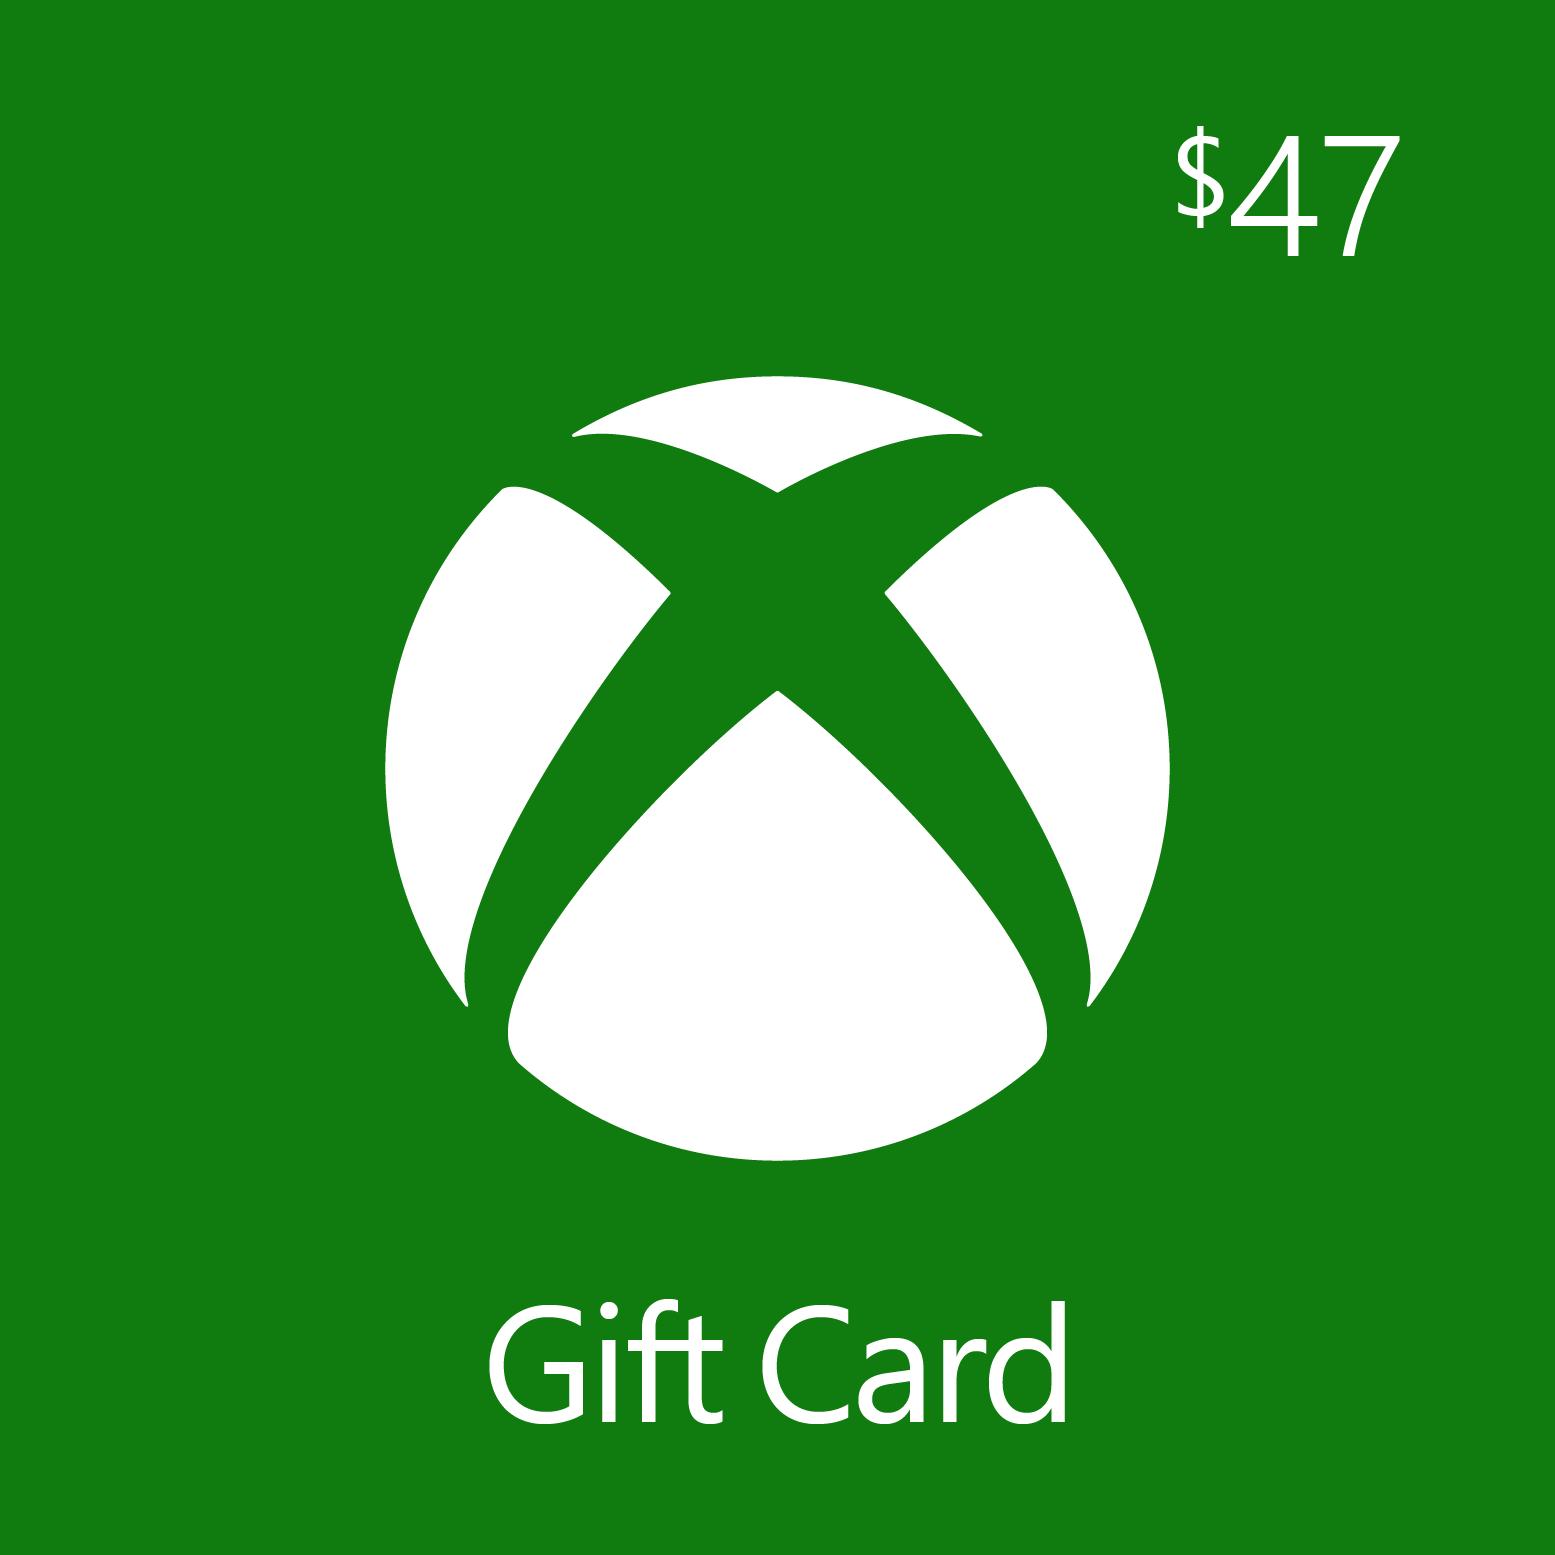 $47.00 Xbox Digital Gift Card